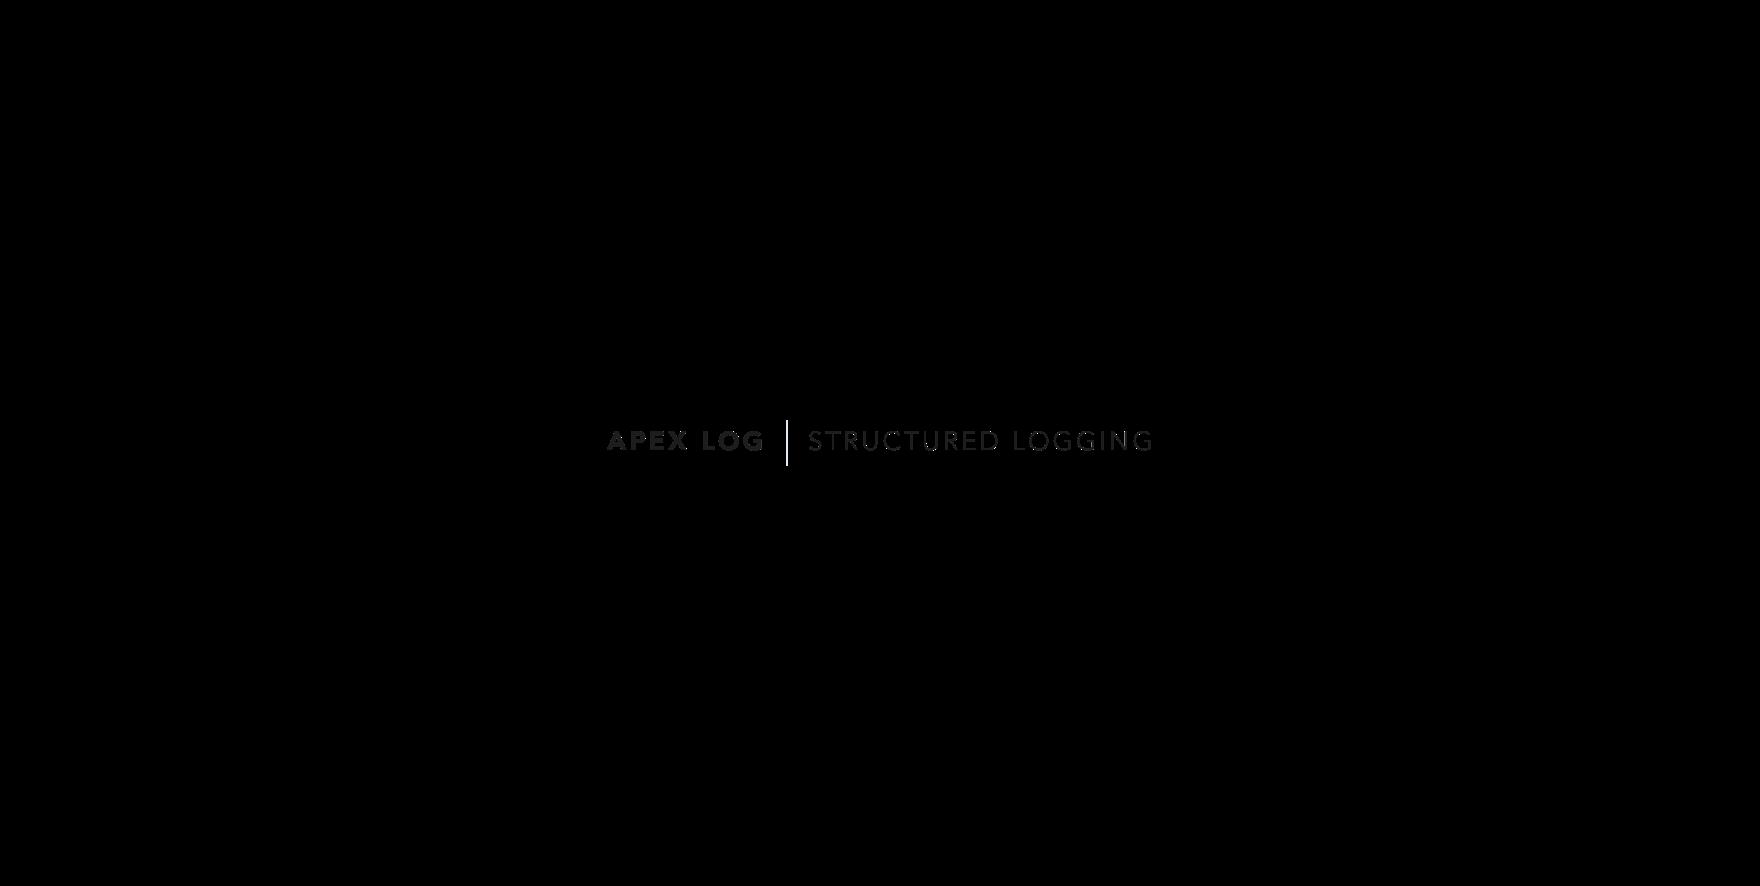 log by apex